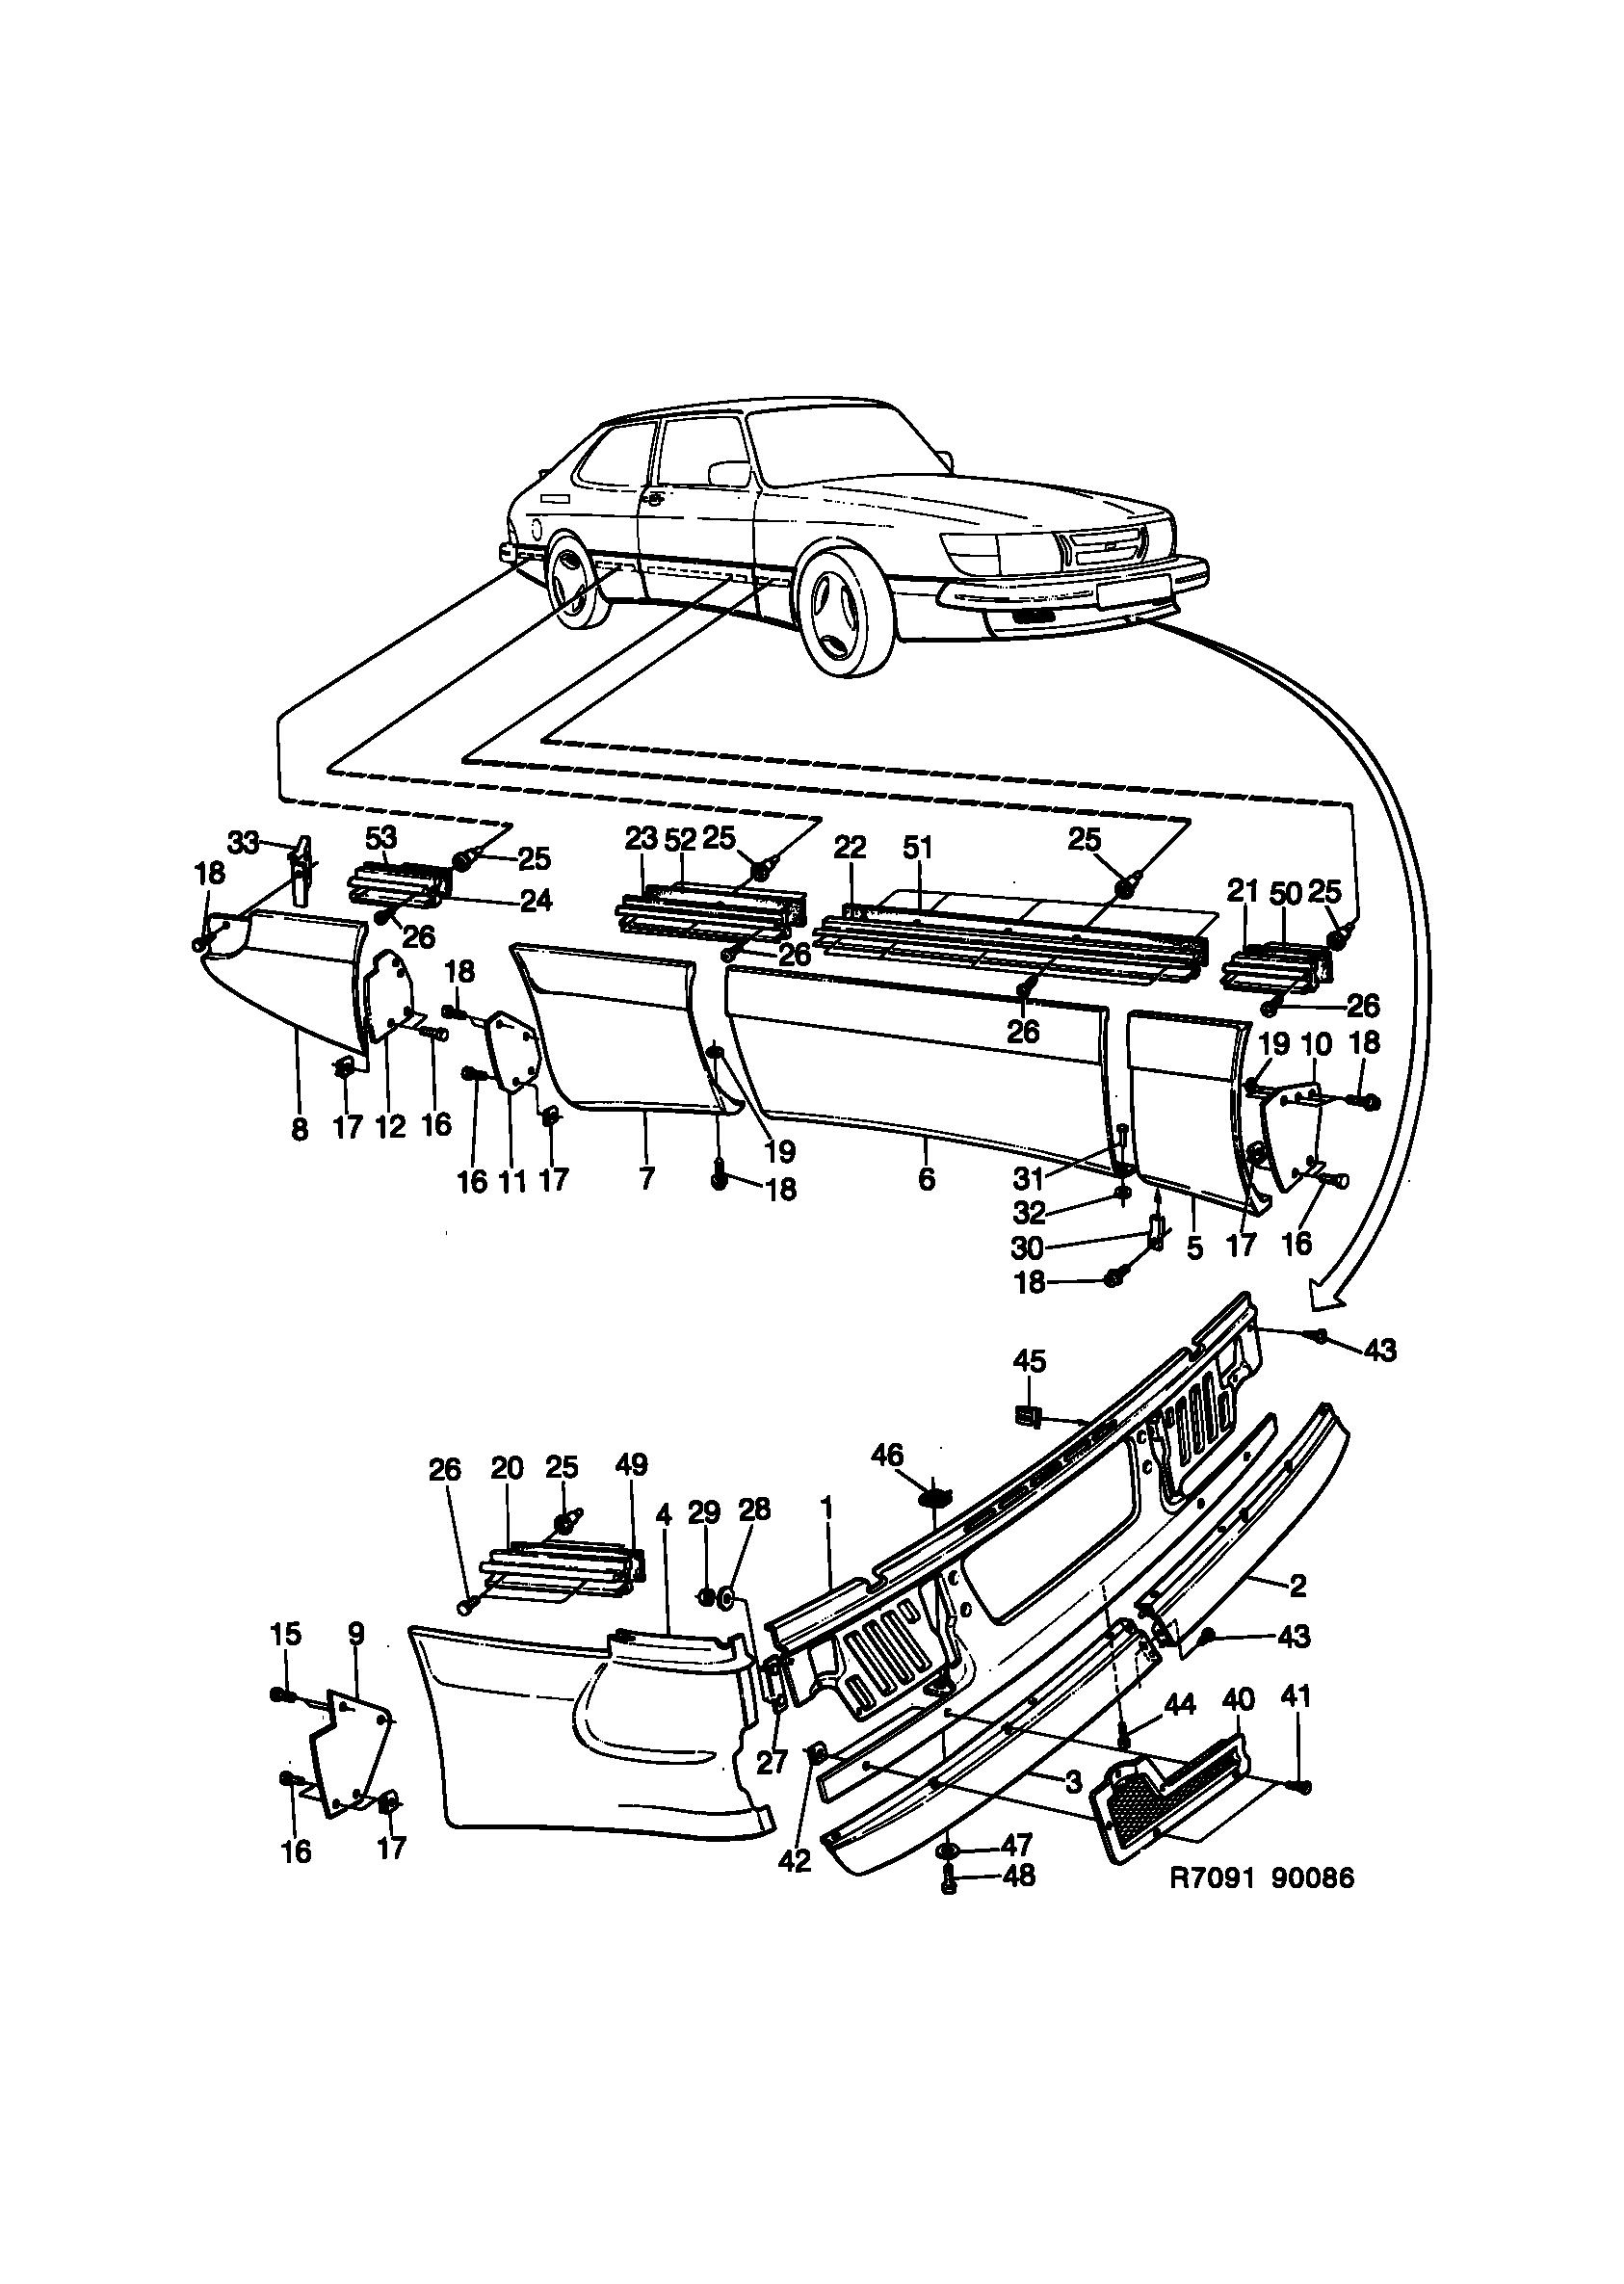 saab 900 aero kit spg 1986 1986 aero epc online Saab 5.3I saab 900 spare parts catalog epc